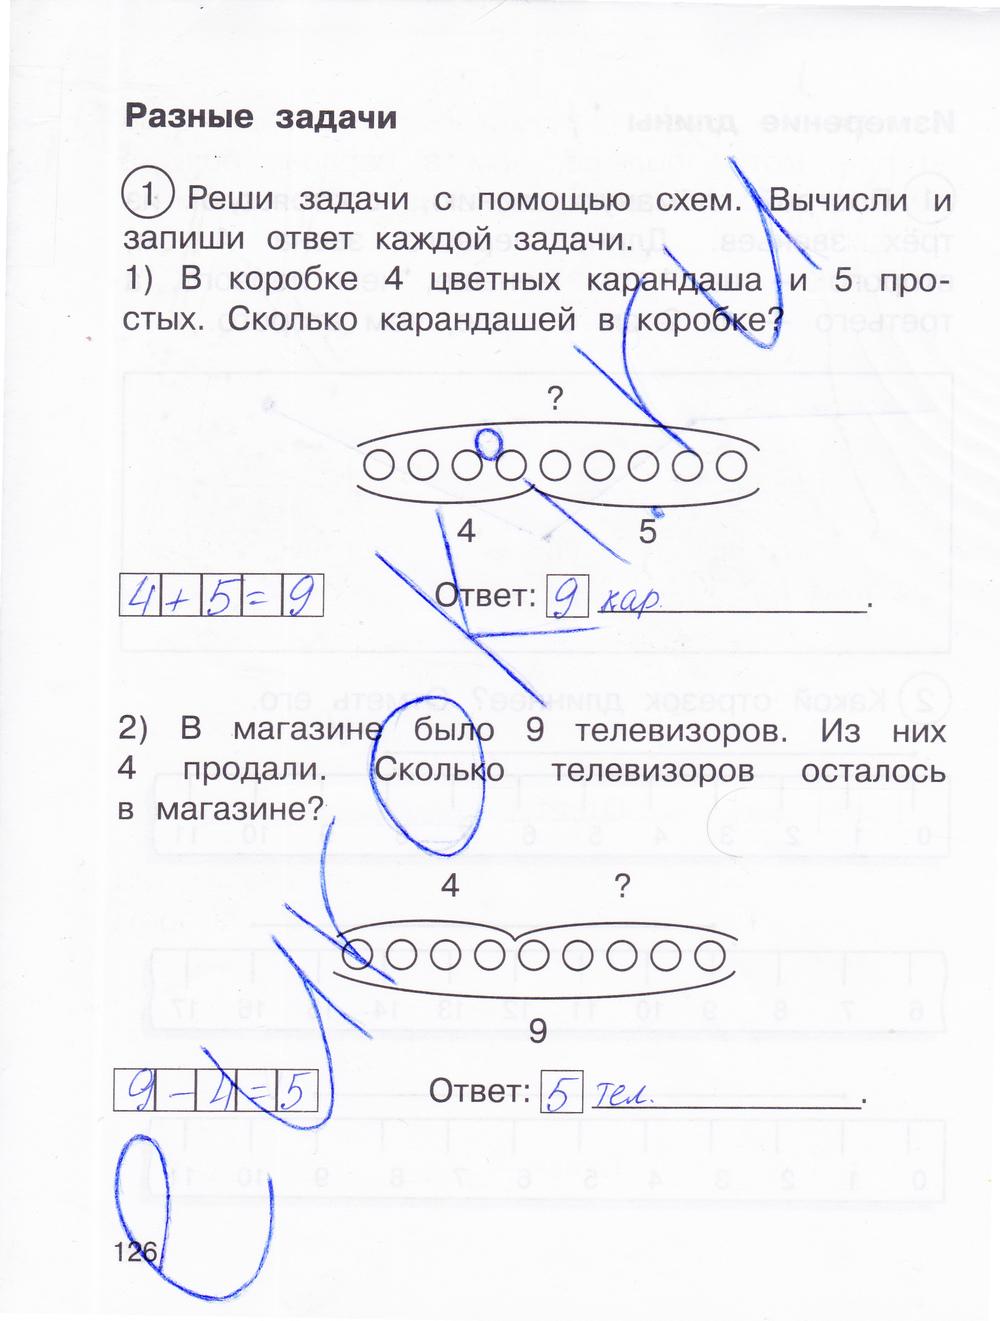 ГДЗ по математике 1 класс рабочая тетрадь Захарова, Юдина Часть 1, 2. Задание: стр. 126